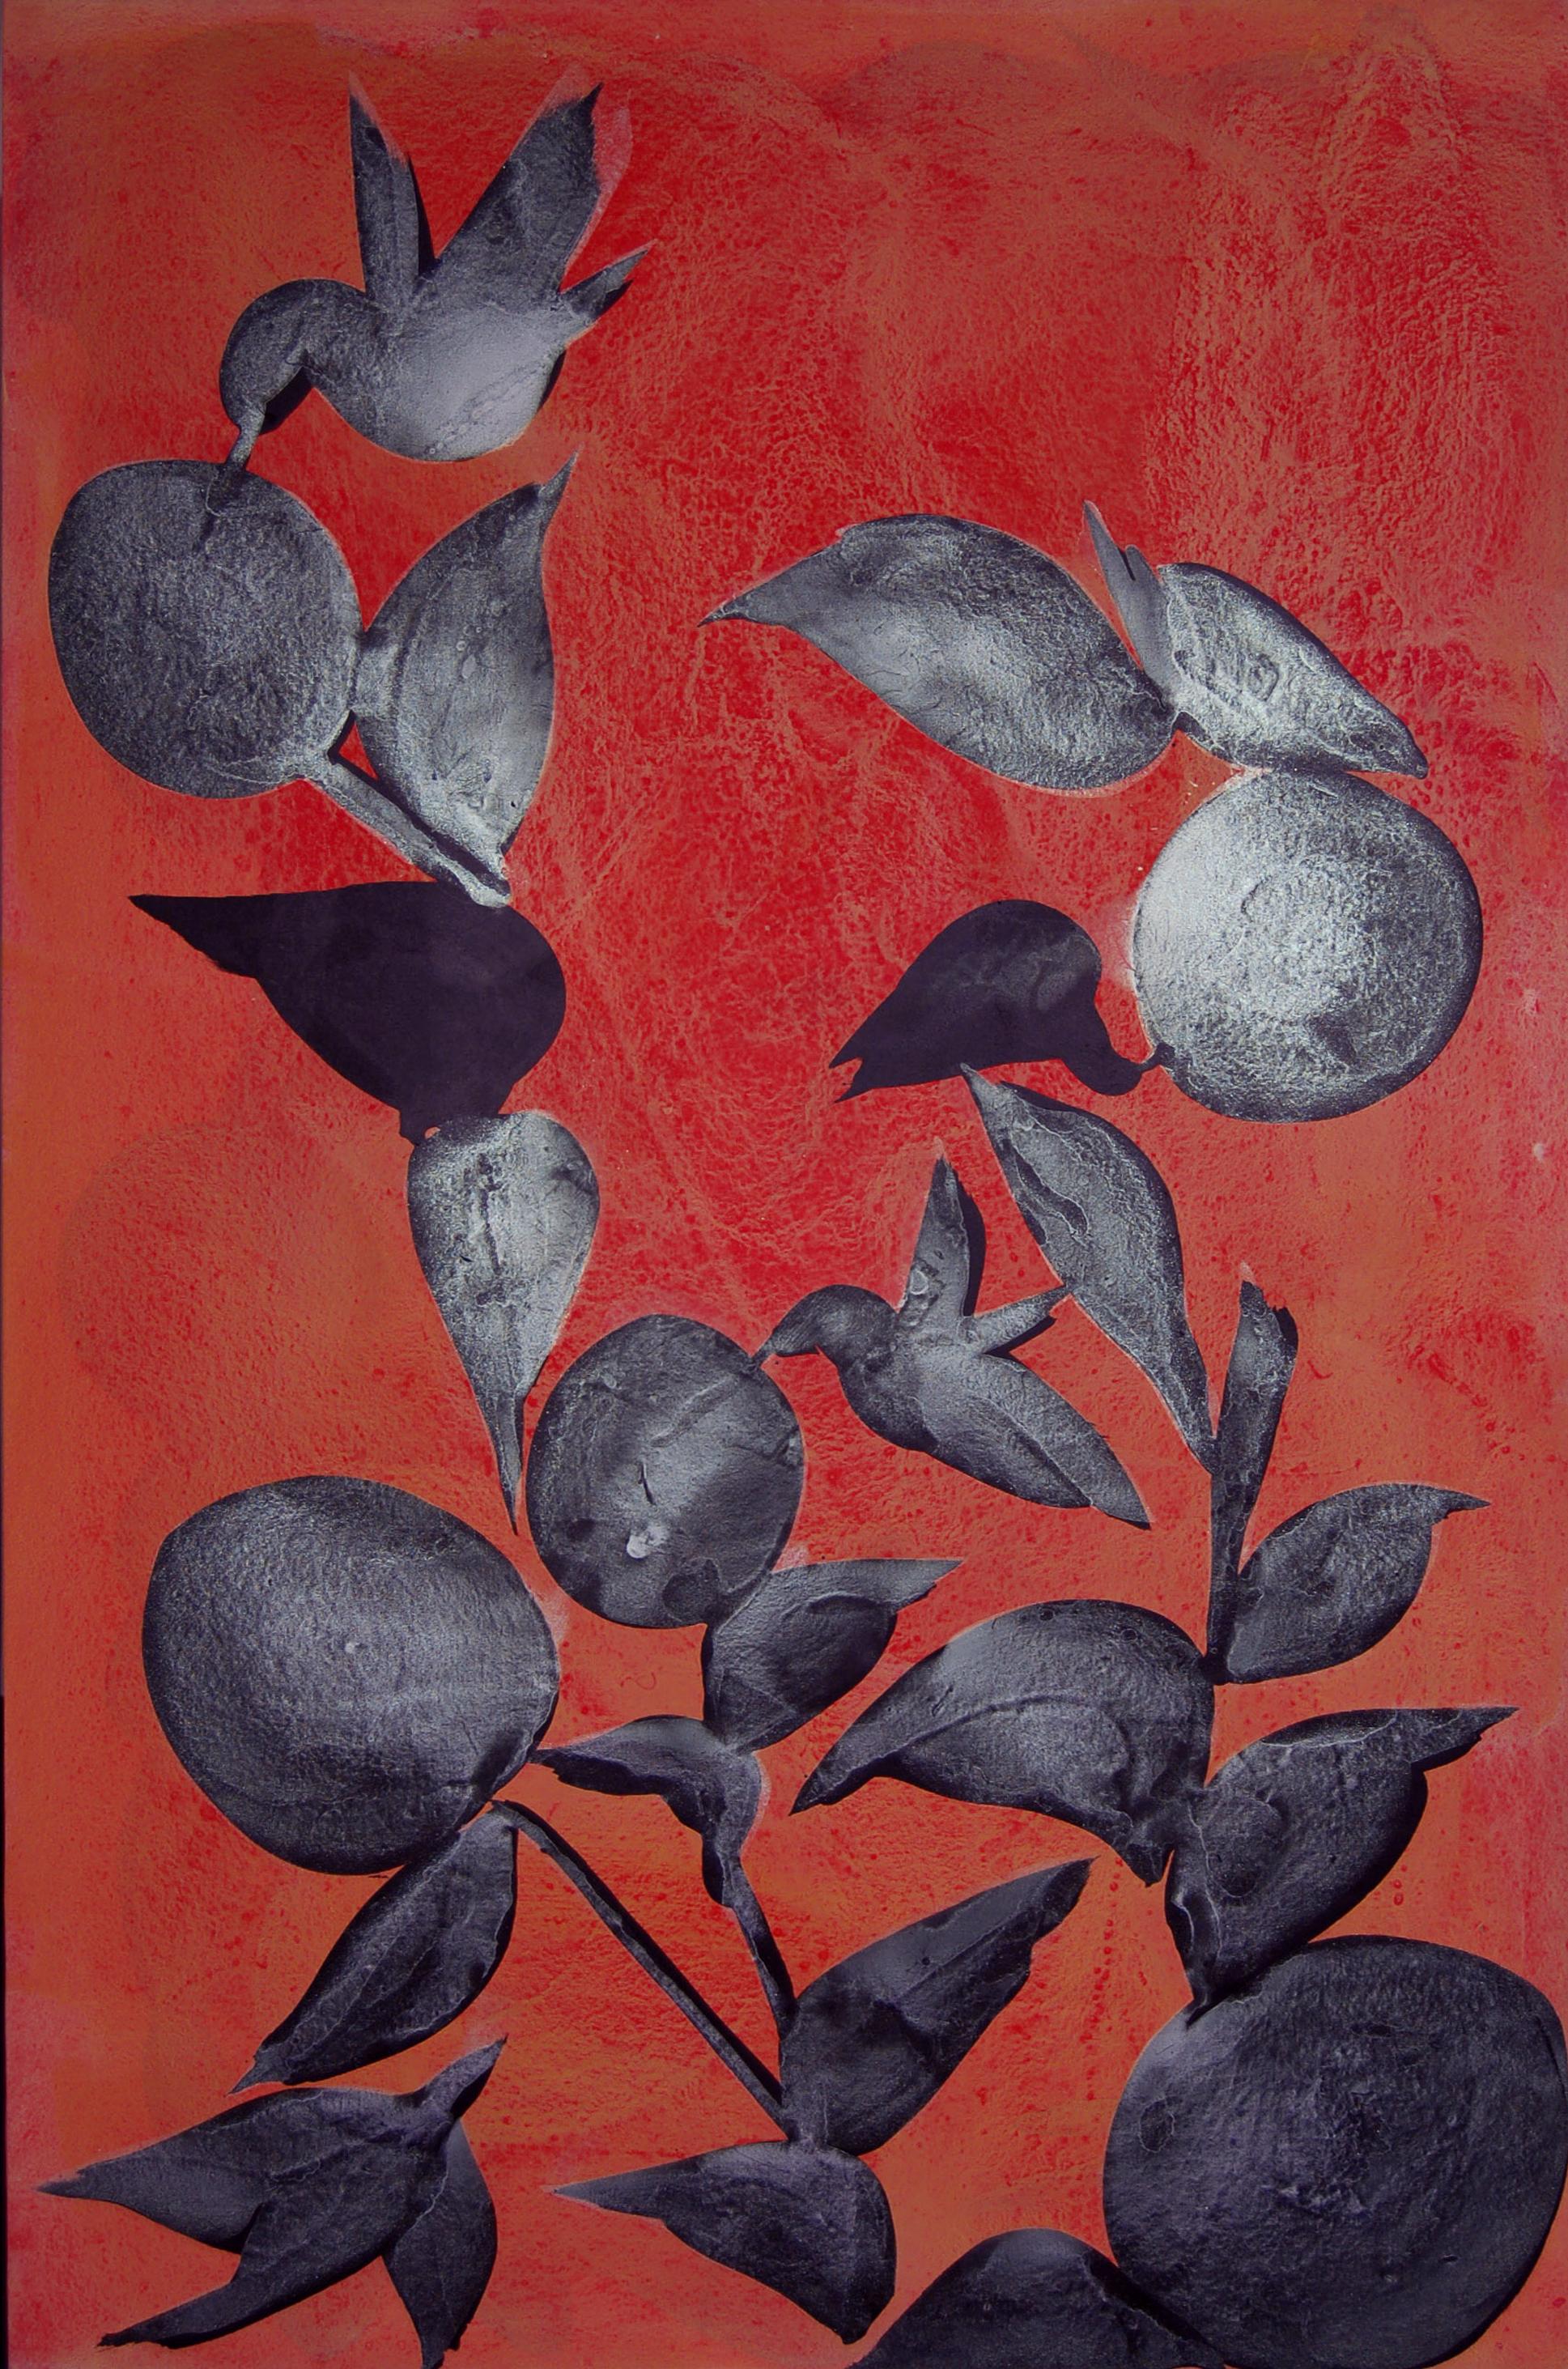 SoHyun Bae, PB Original, 2007, acrylic on canvas, 150 x 100 cm